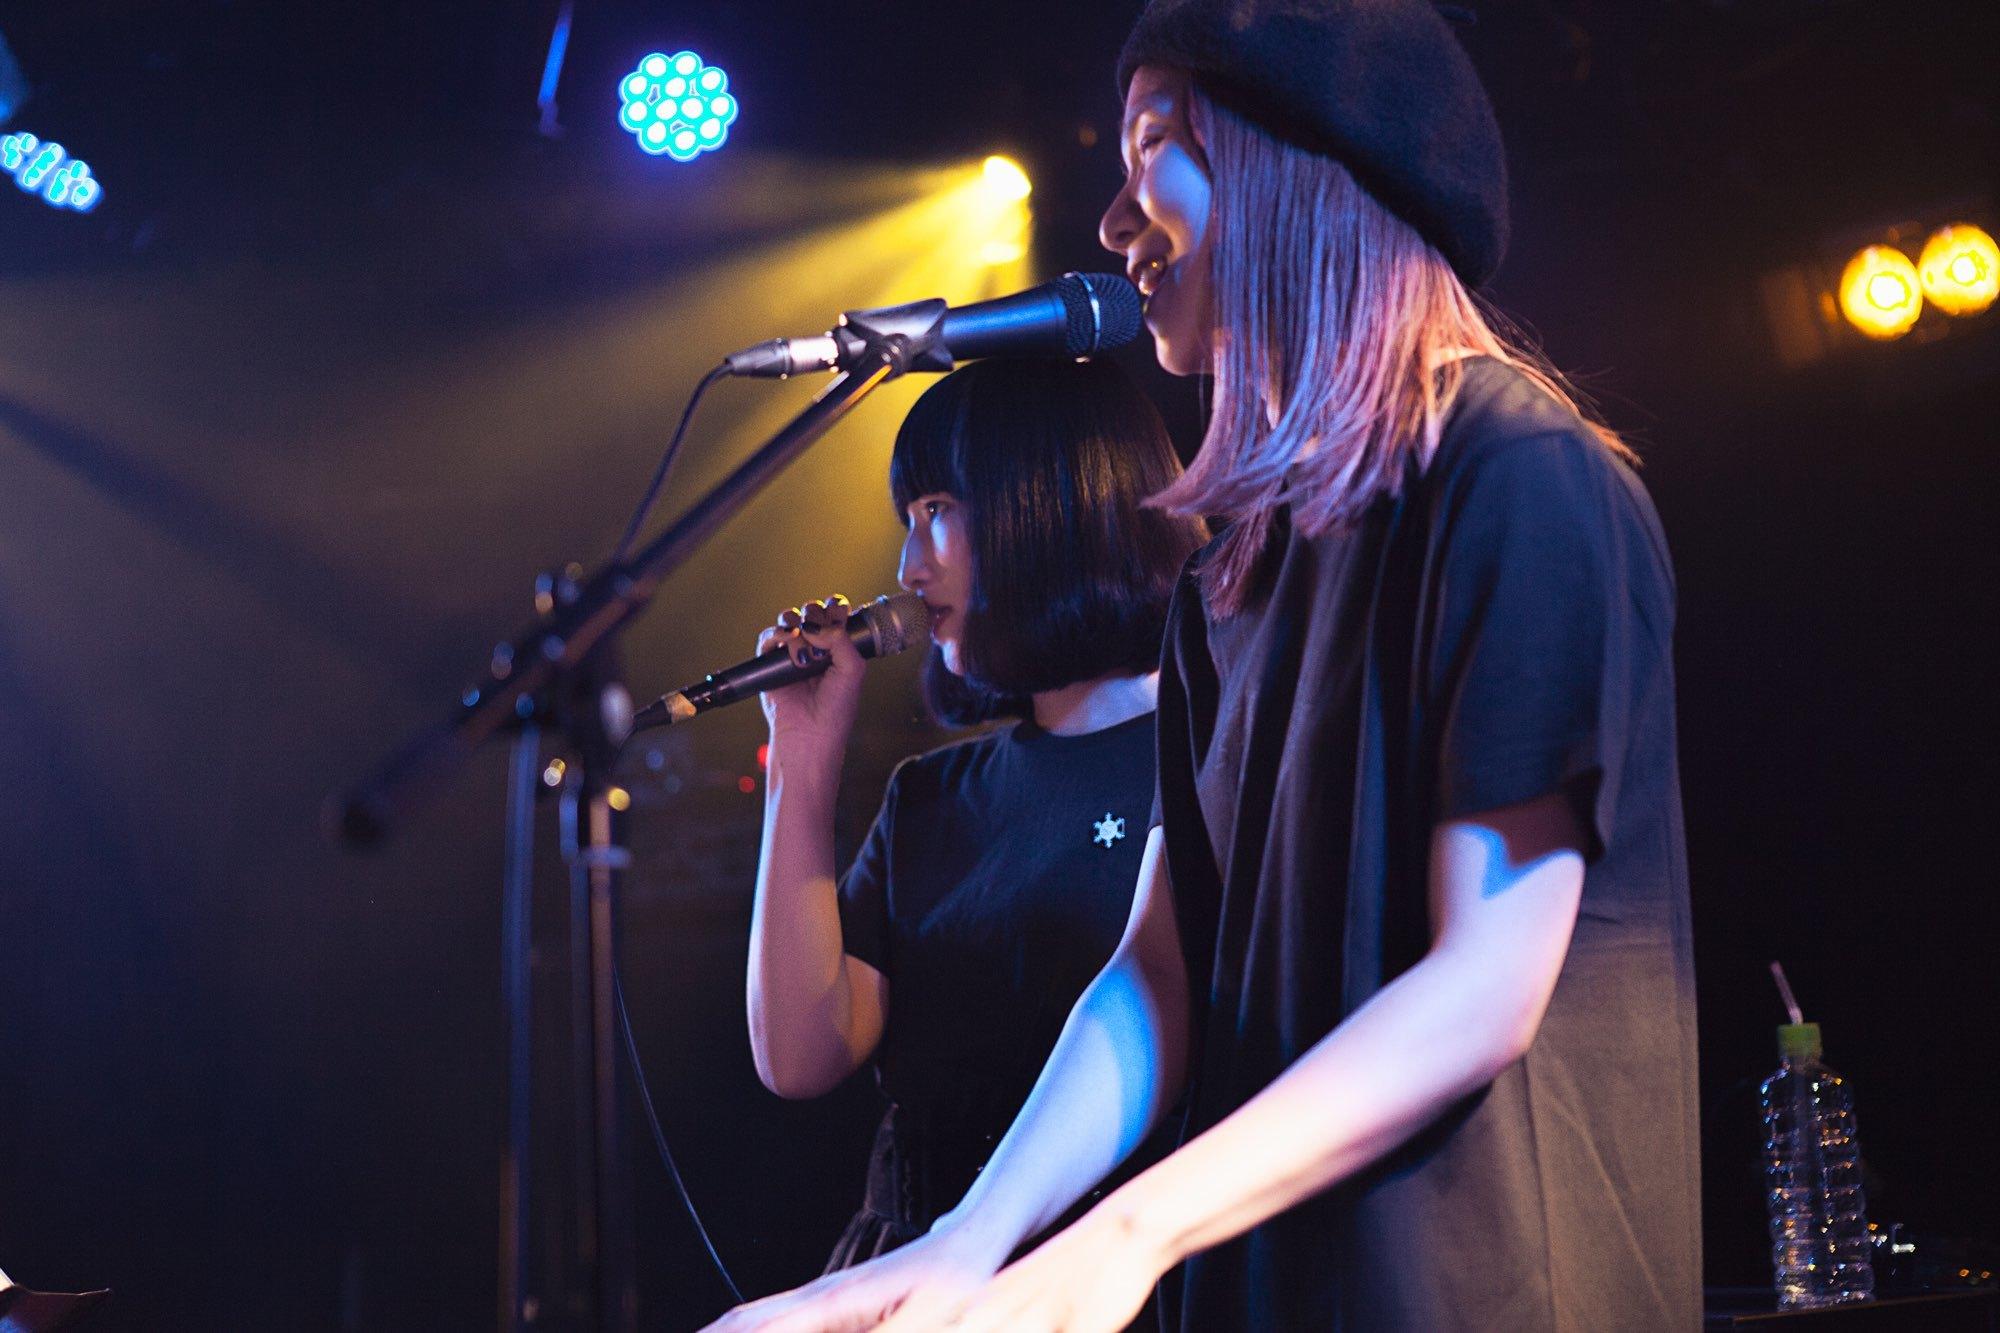 左からUNIDOTS・瑞葵、クアイフ・森彩乃(Vo)